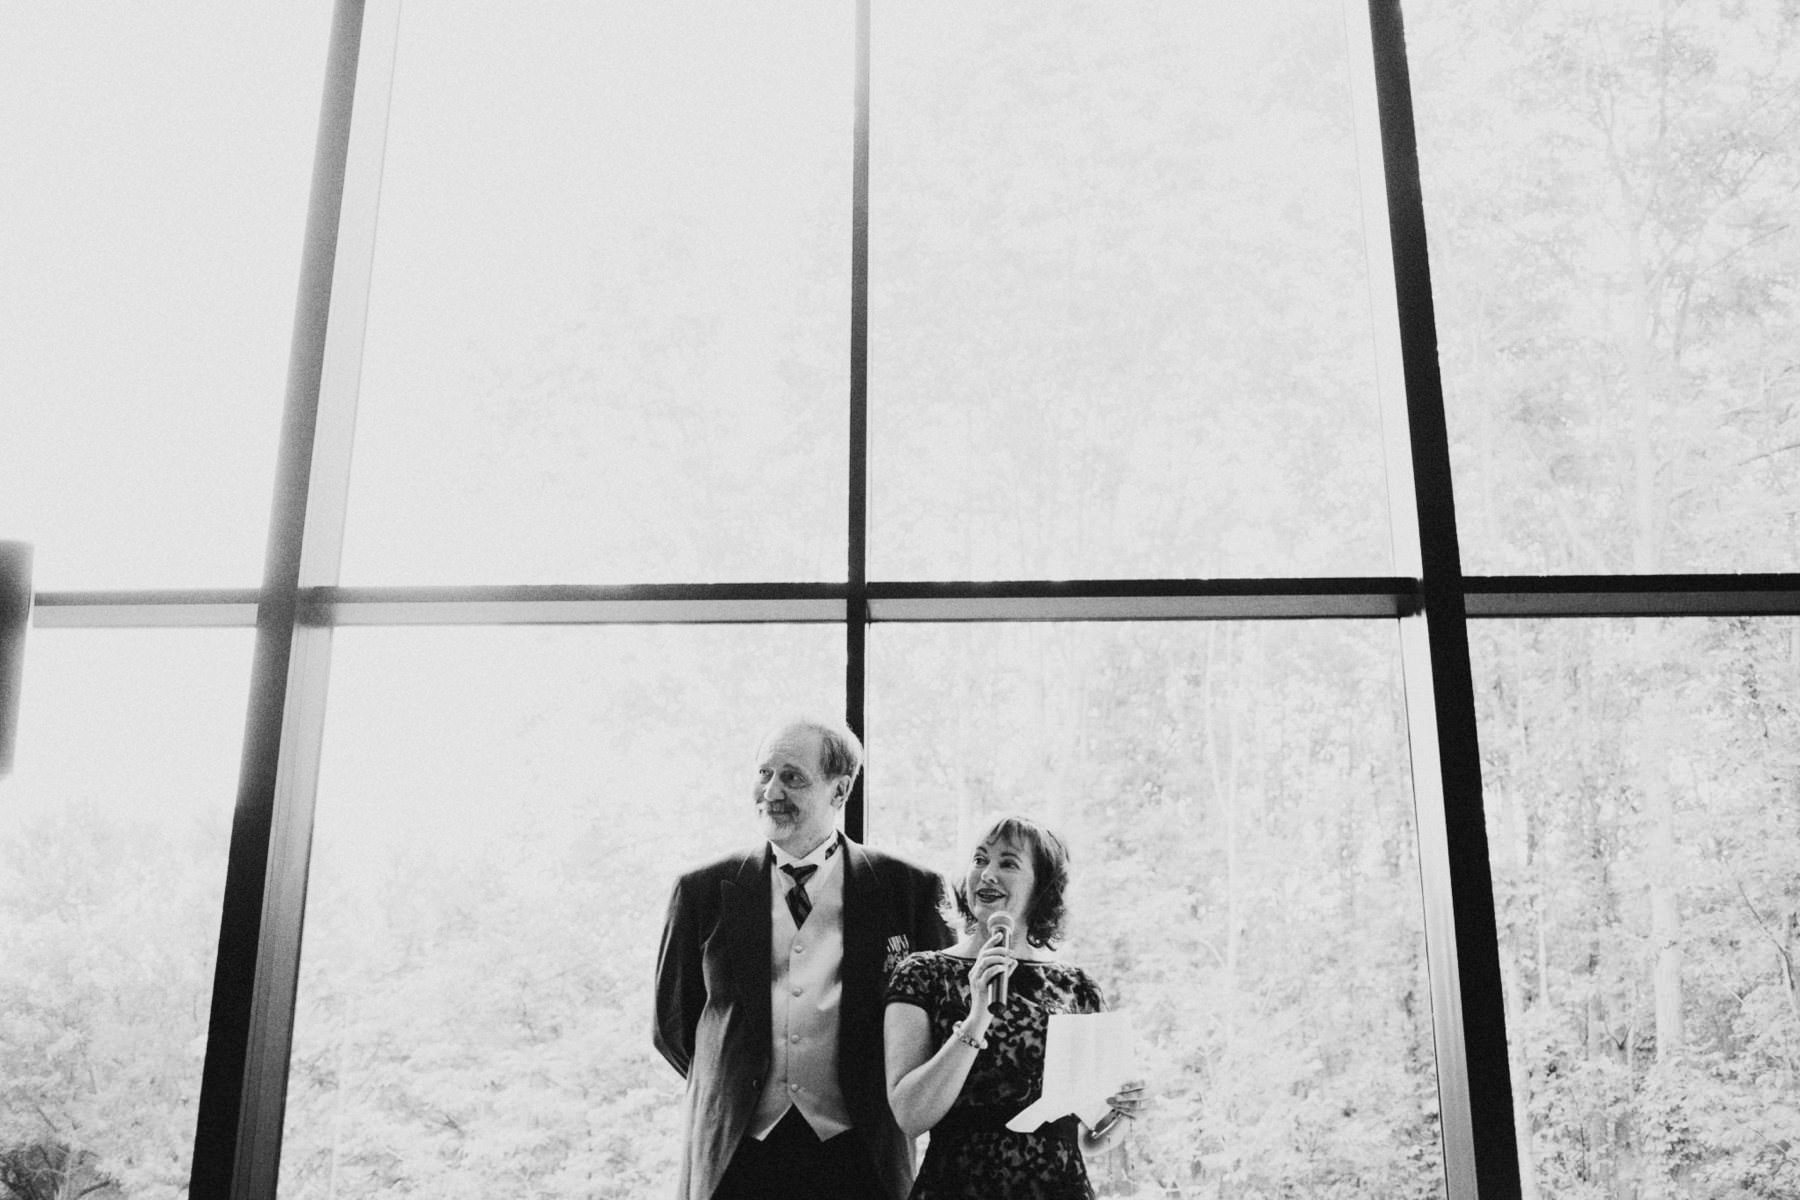 cylburn arboretum wedding pictures